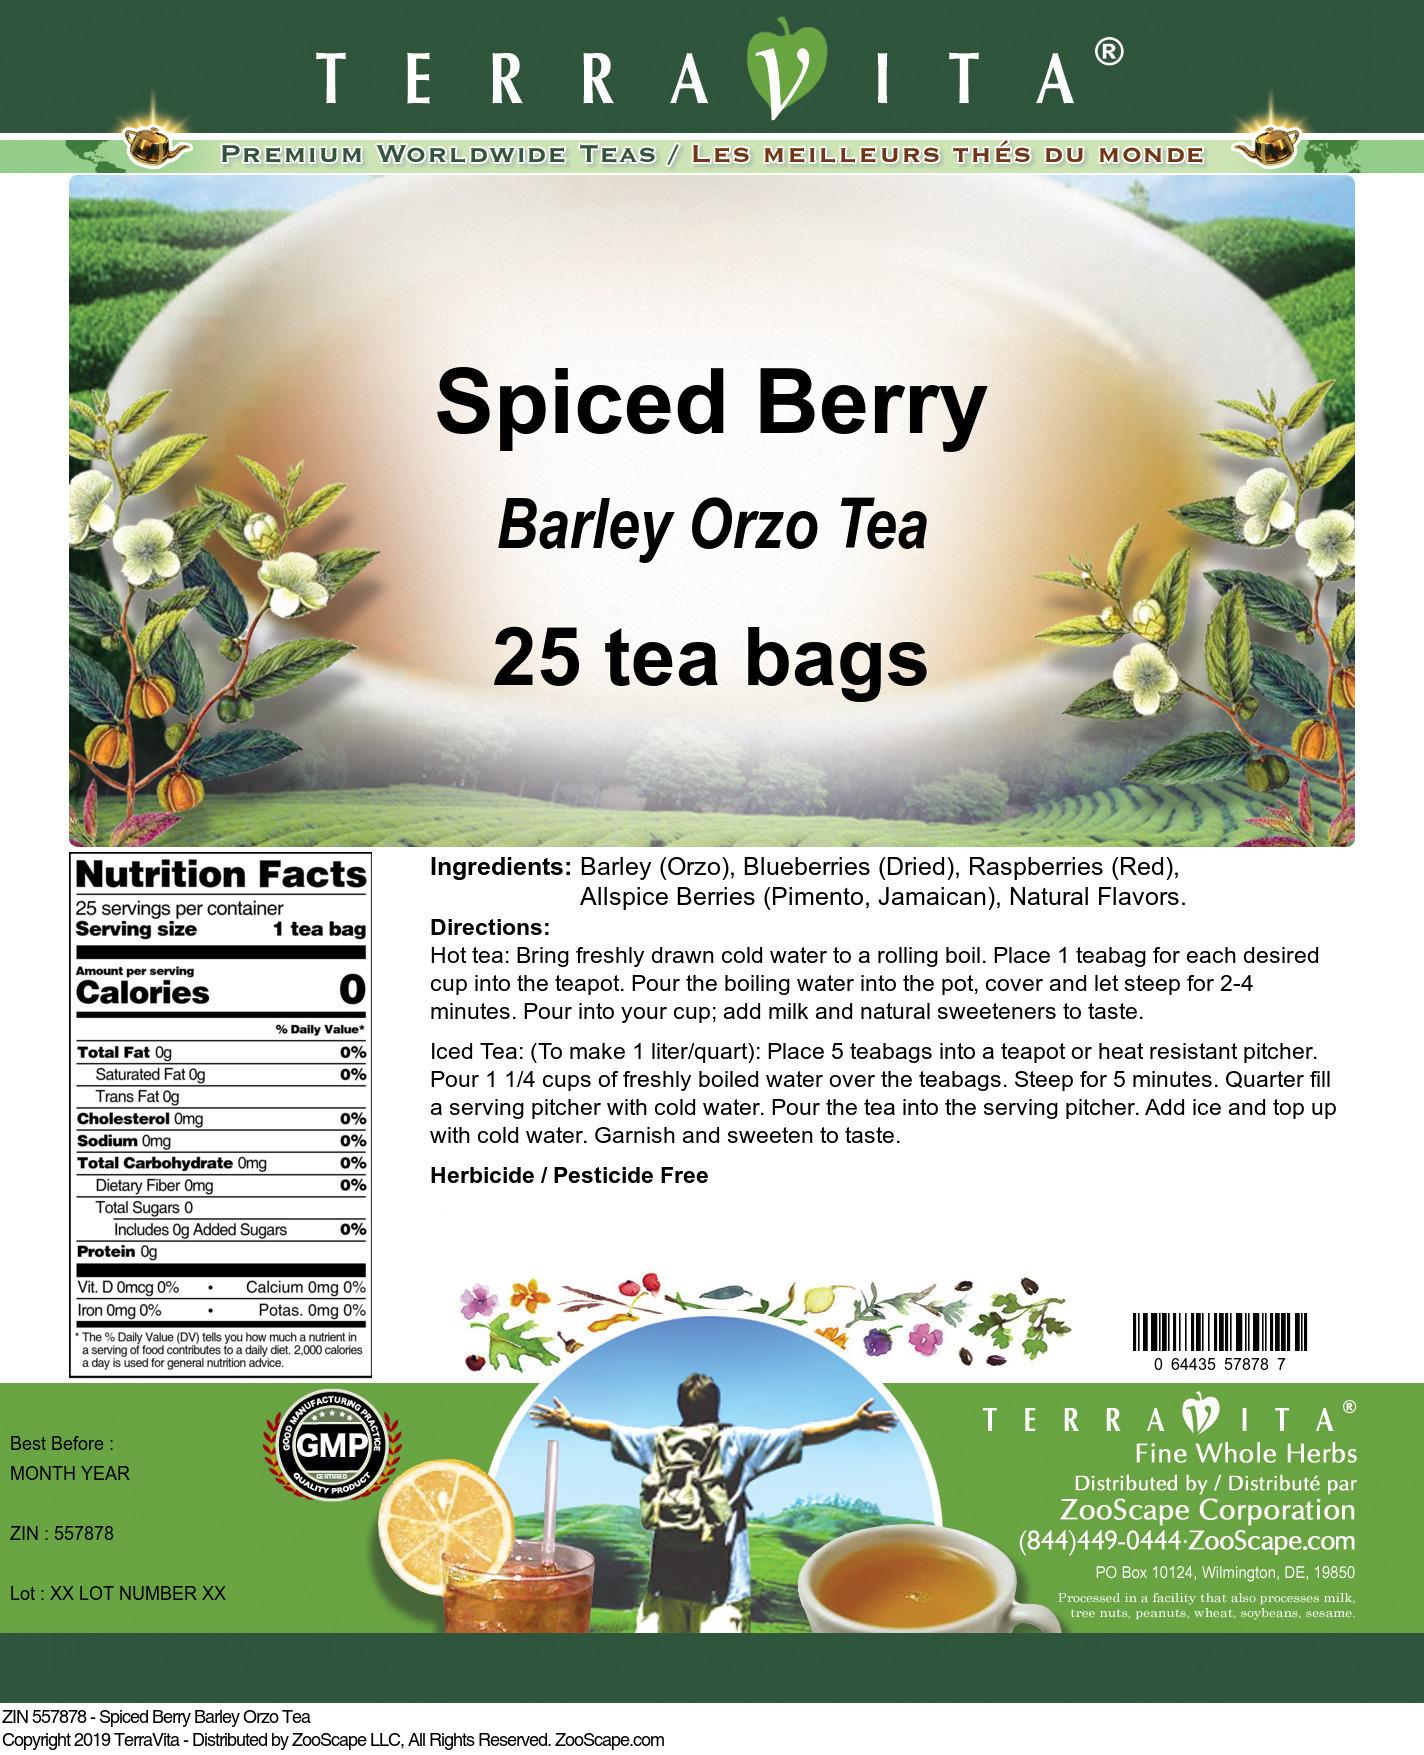 Spiced Berry Barley Orzo Tea